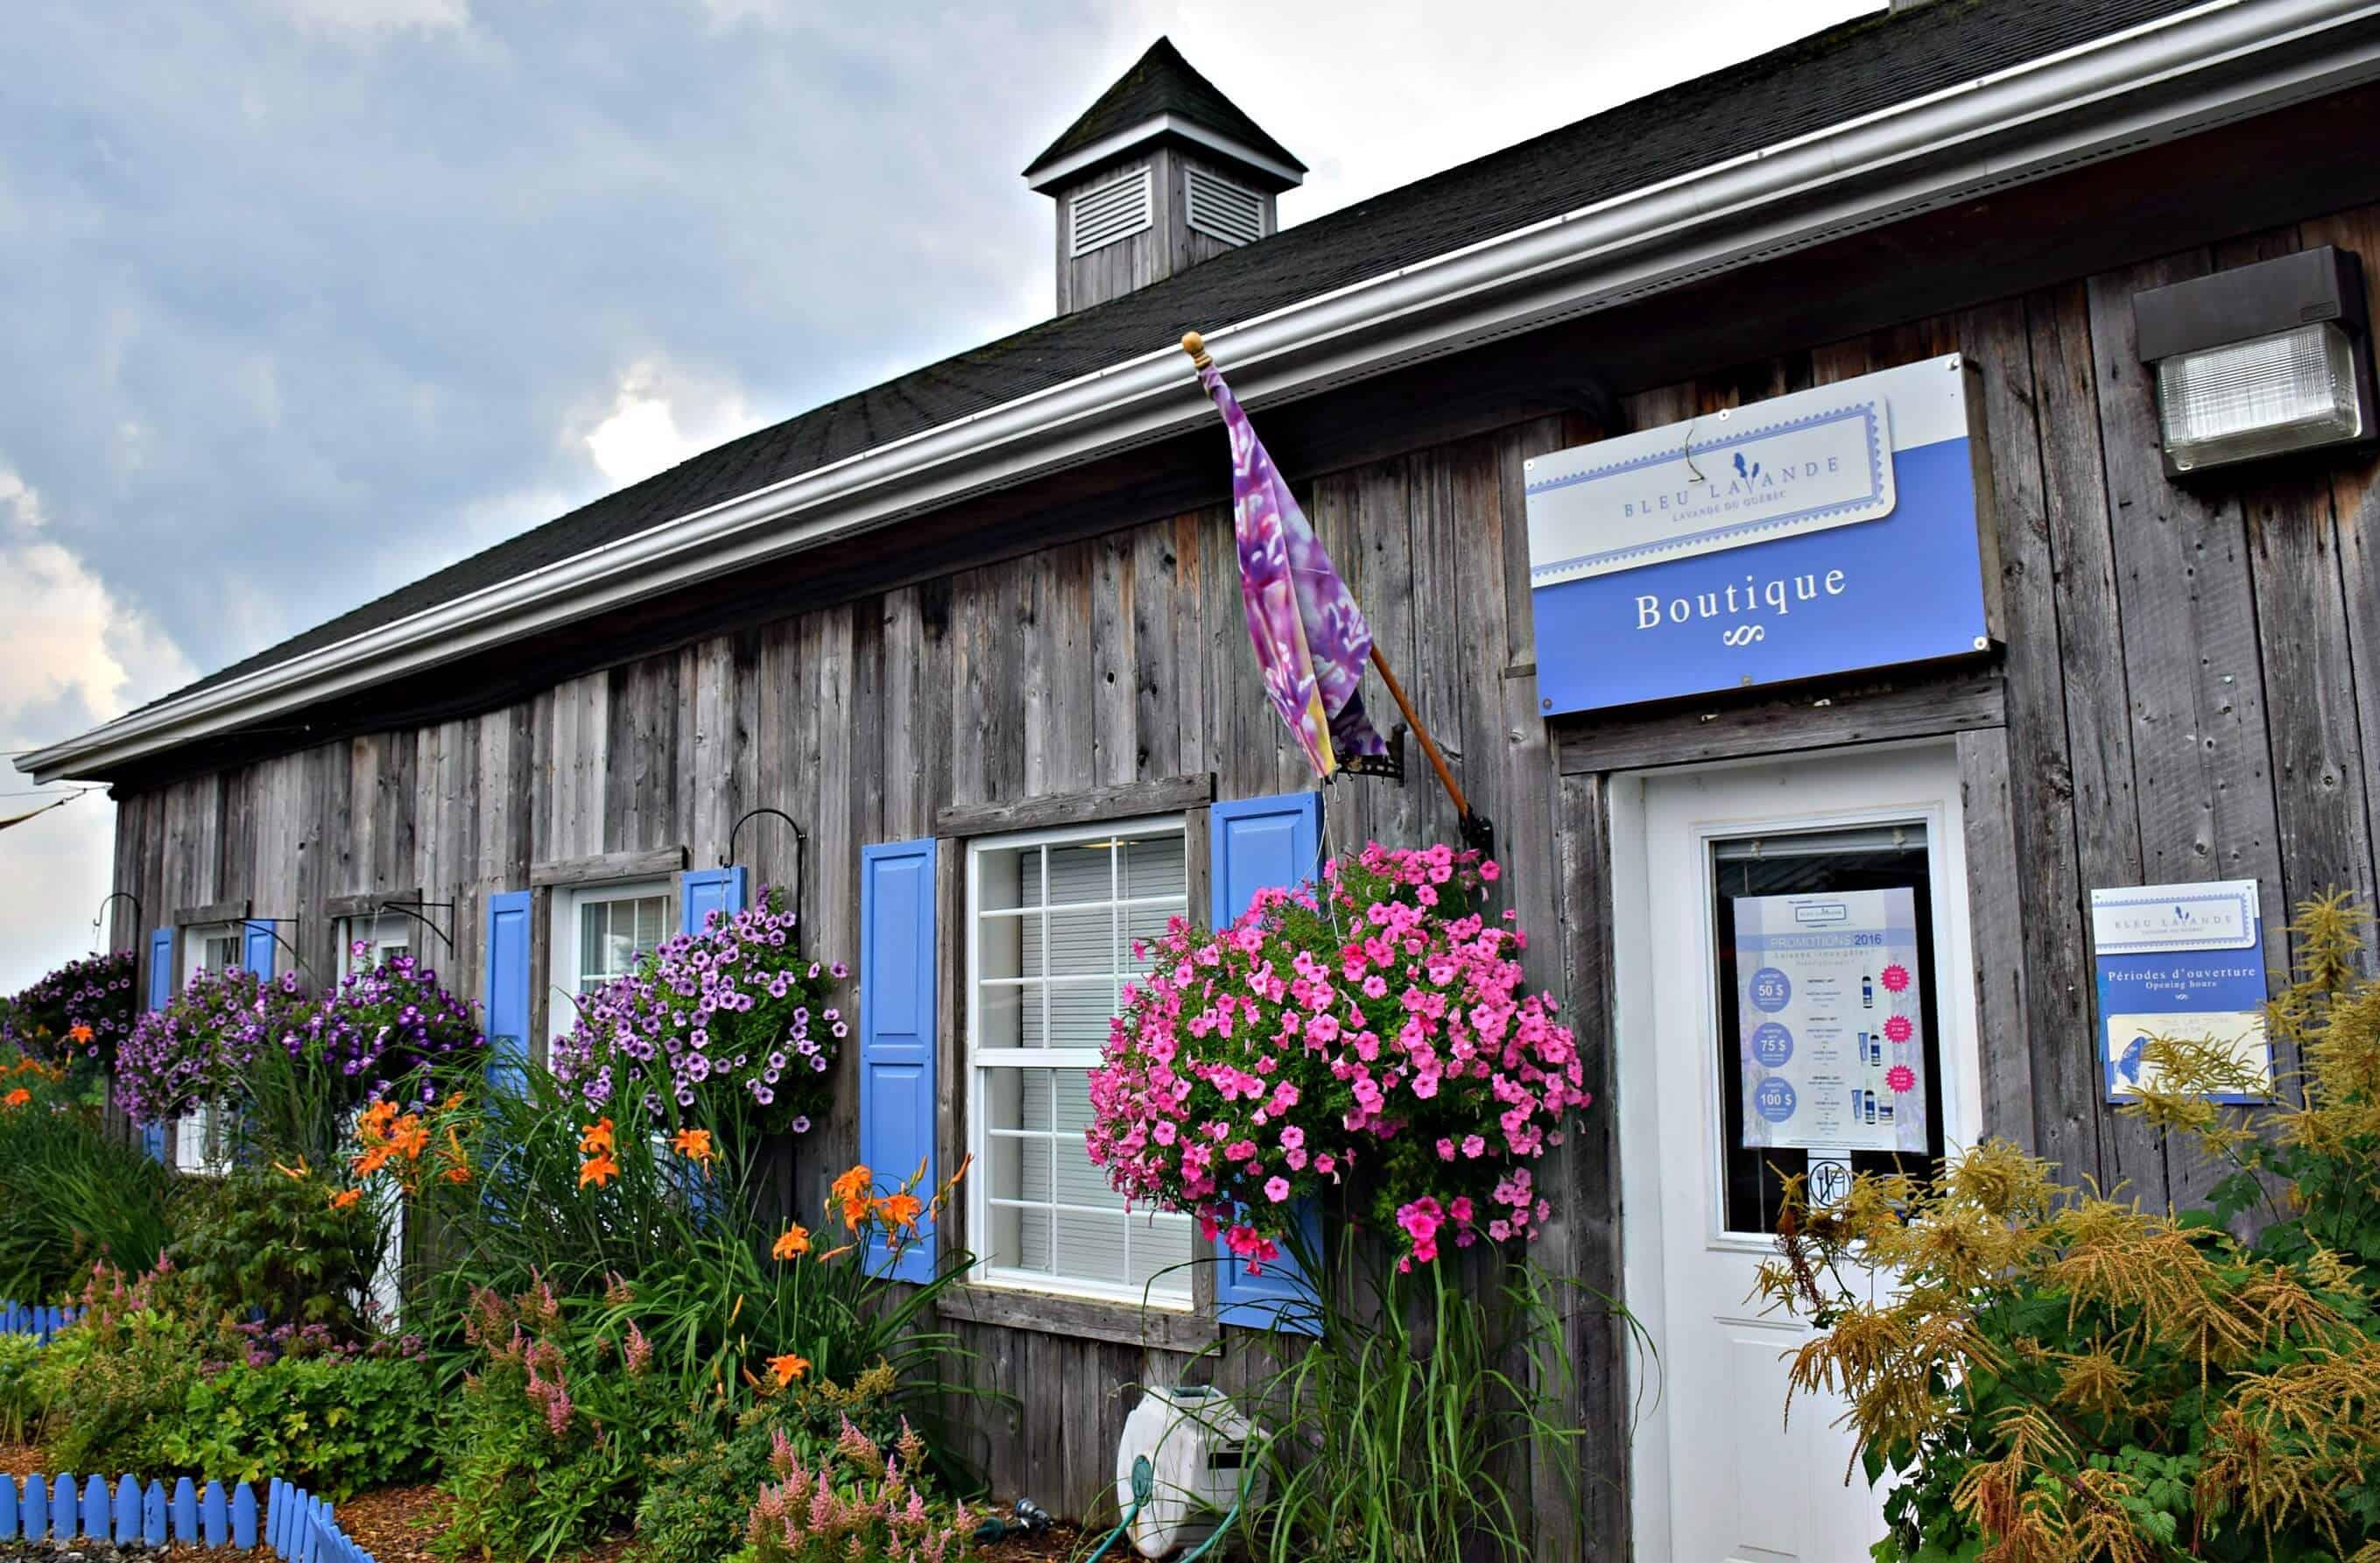 Bleu Lavande, Quebec